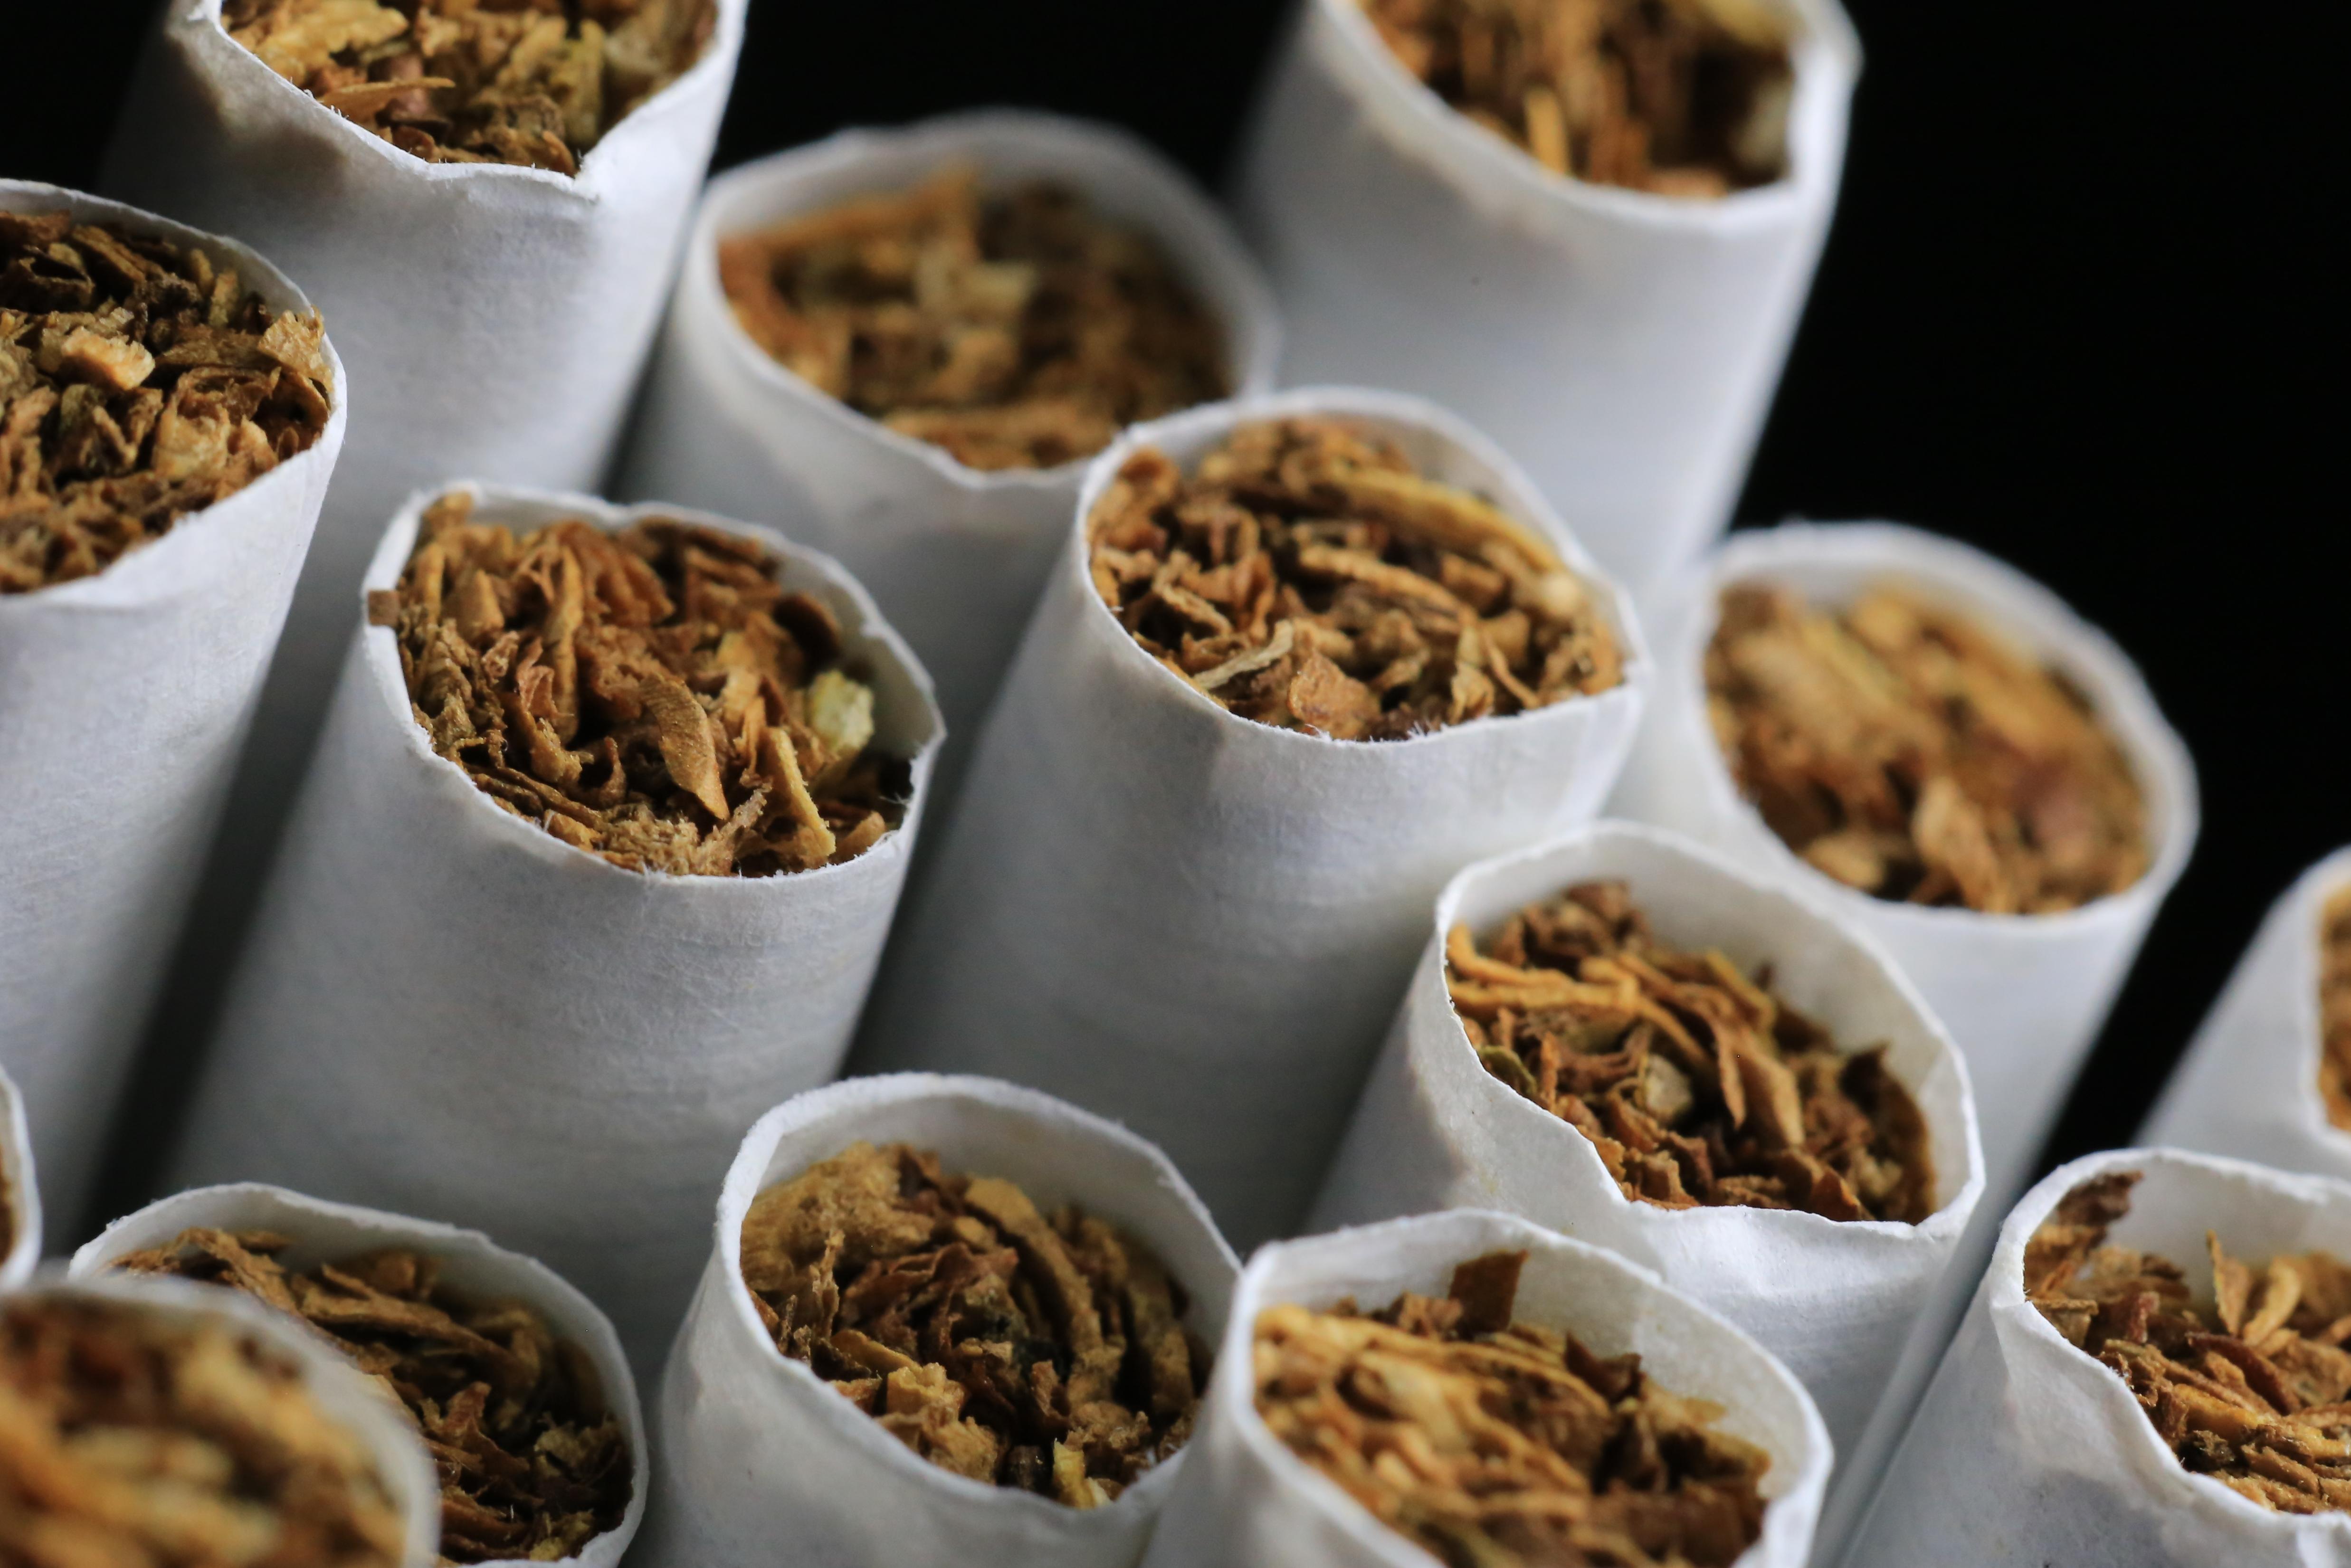 How to Become a Tobacco Distributor   Chron com